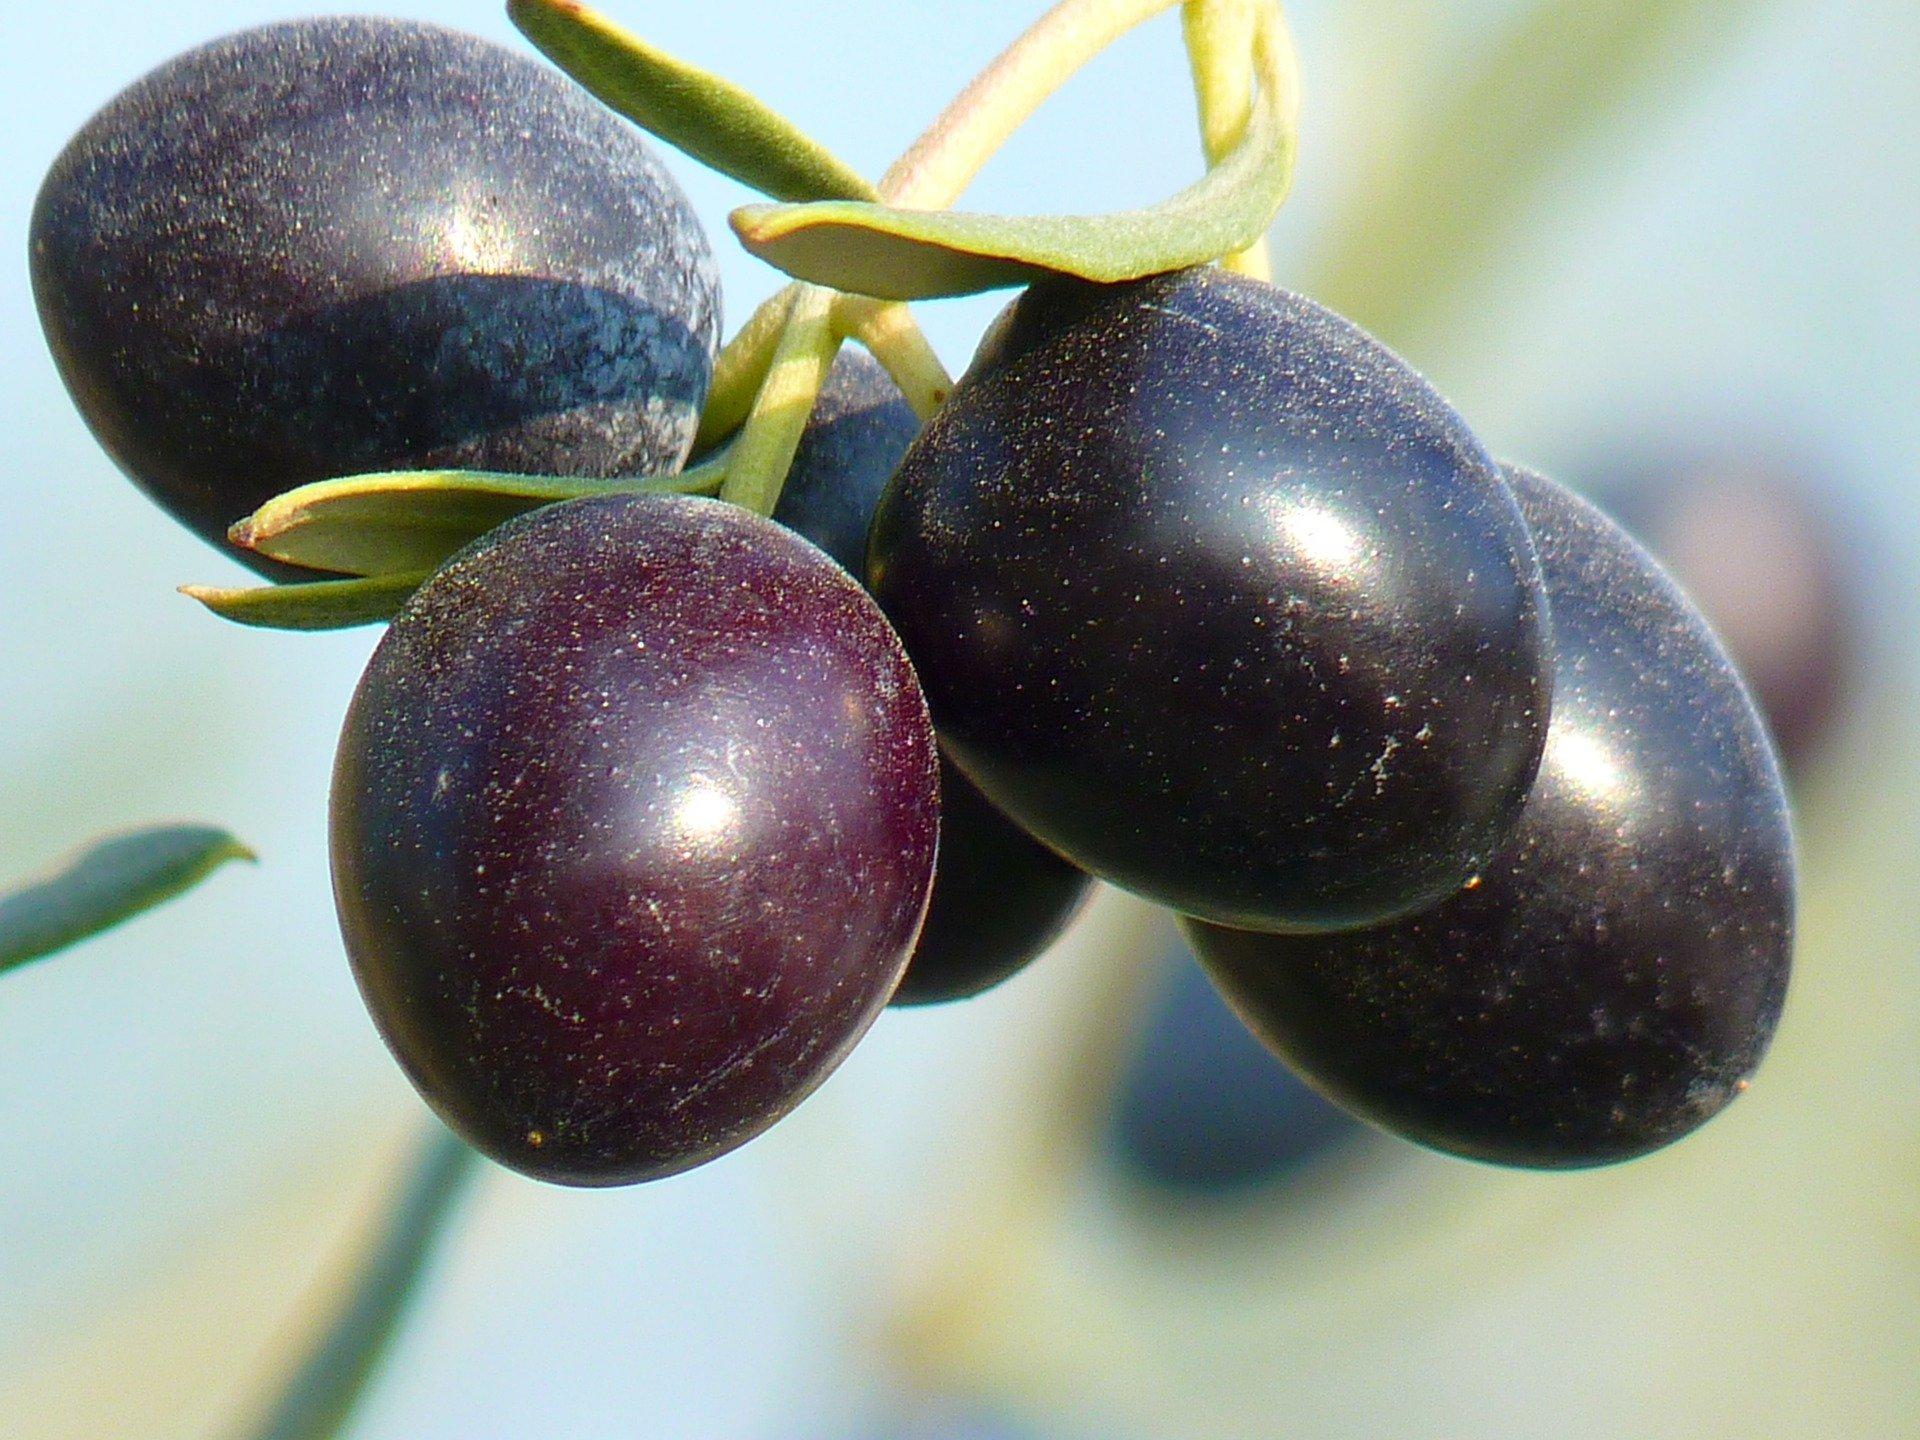 olives-15016_1920